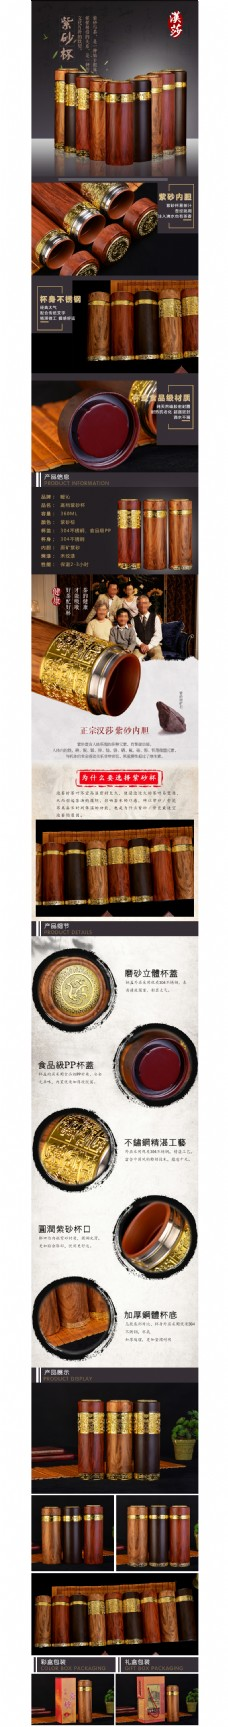 木纹紫砂杯详情页